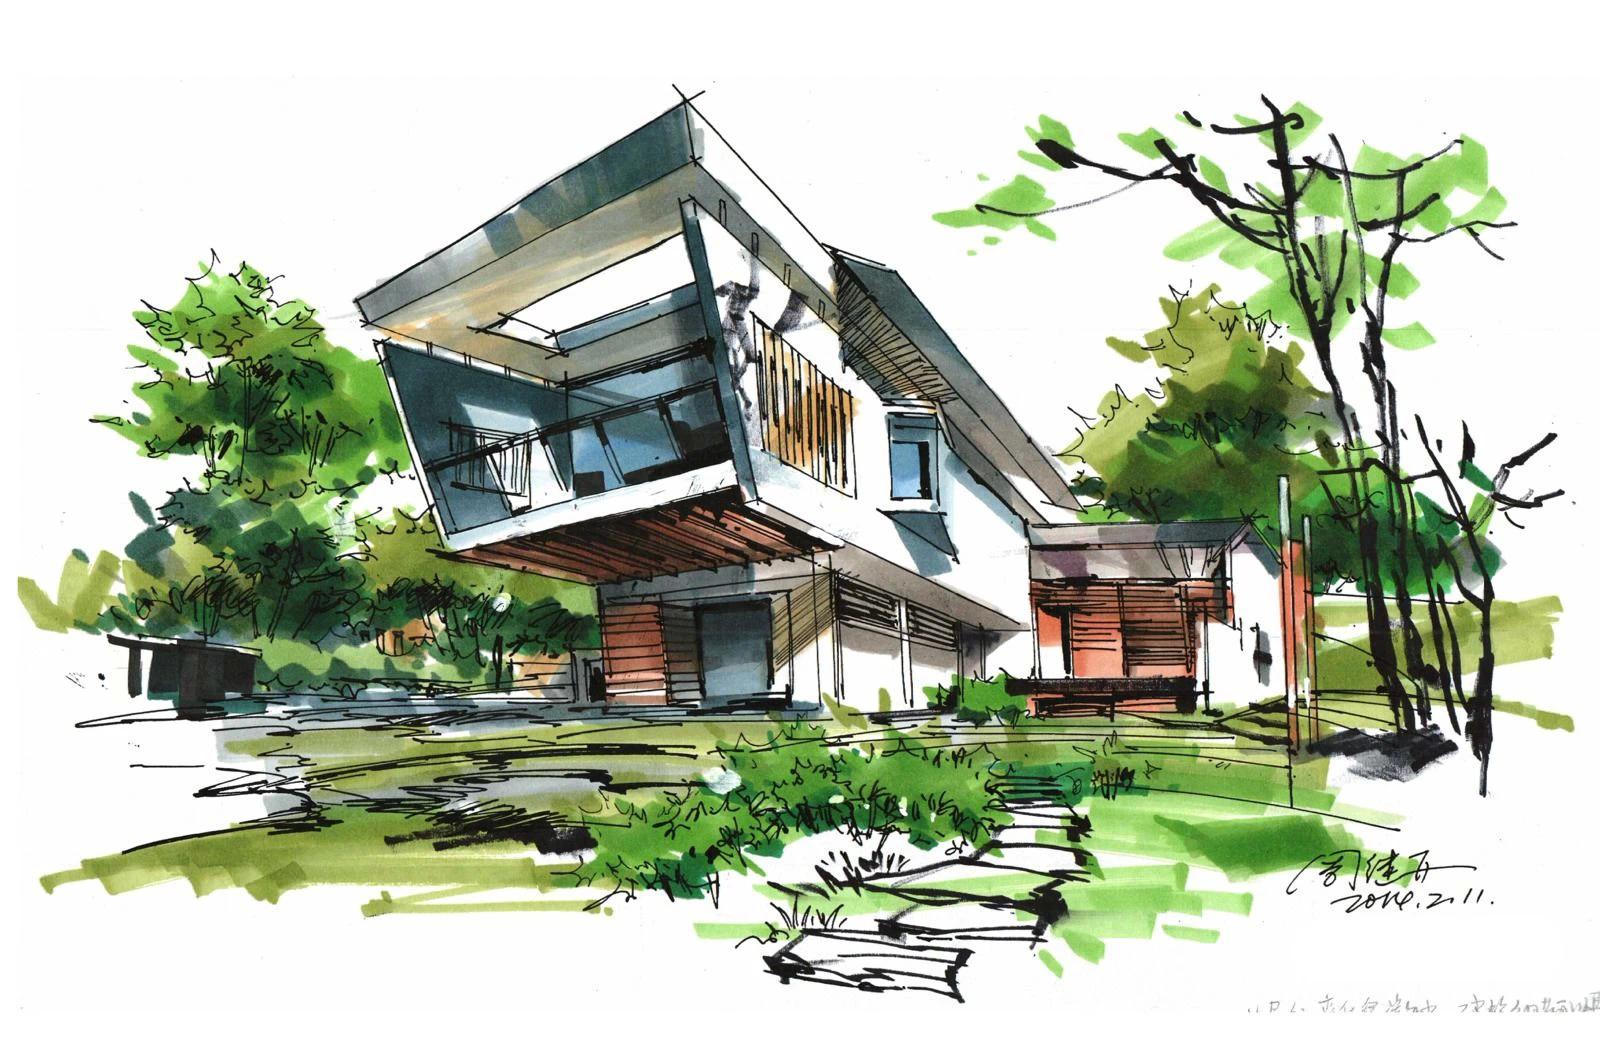 三石手绘,建筑手绘,建筑画,手绘图片,手绘效果图,马克笔上色,建筑设计